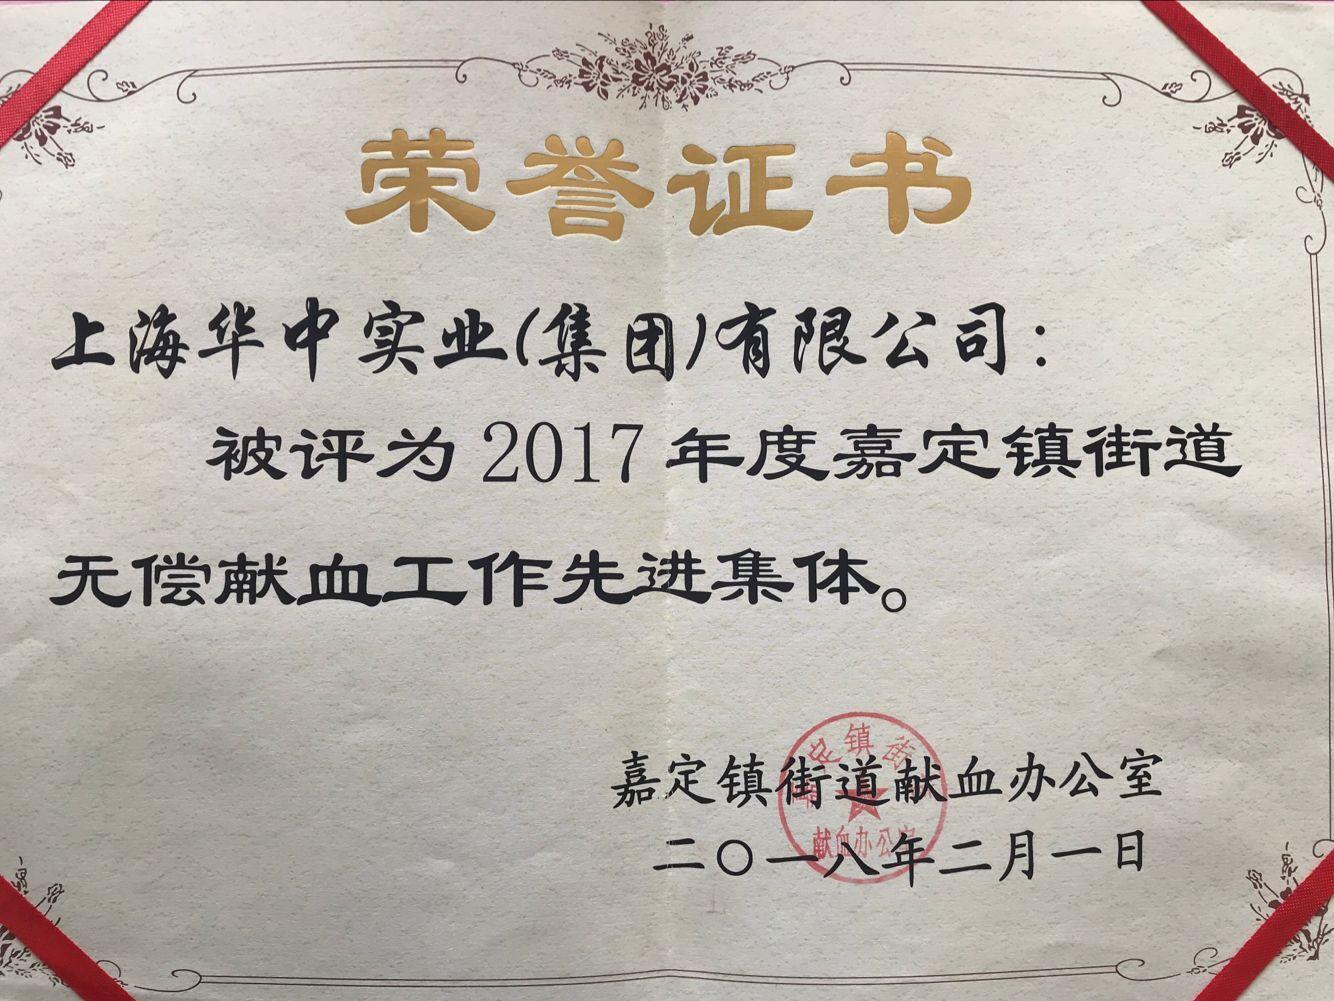 2017年献血工作先进集体